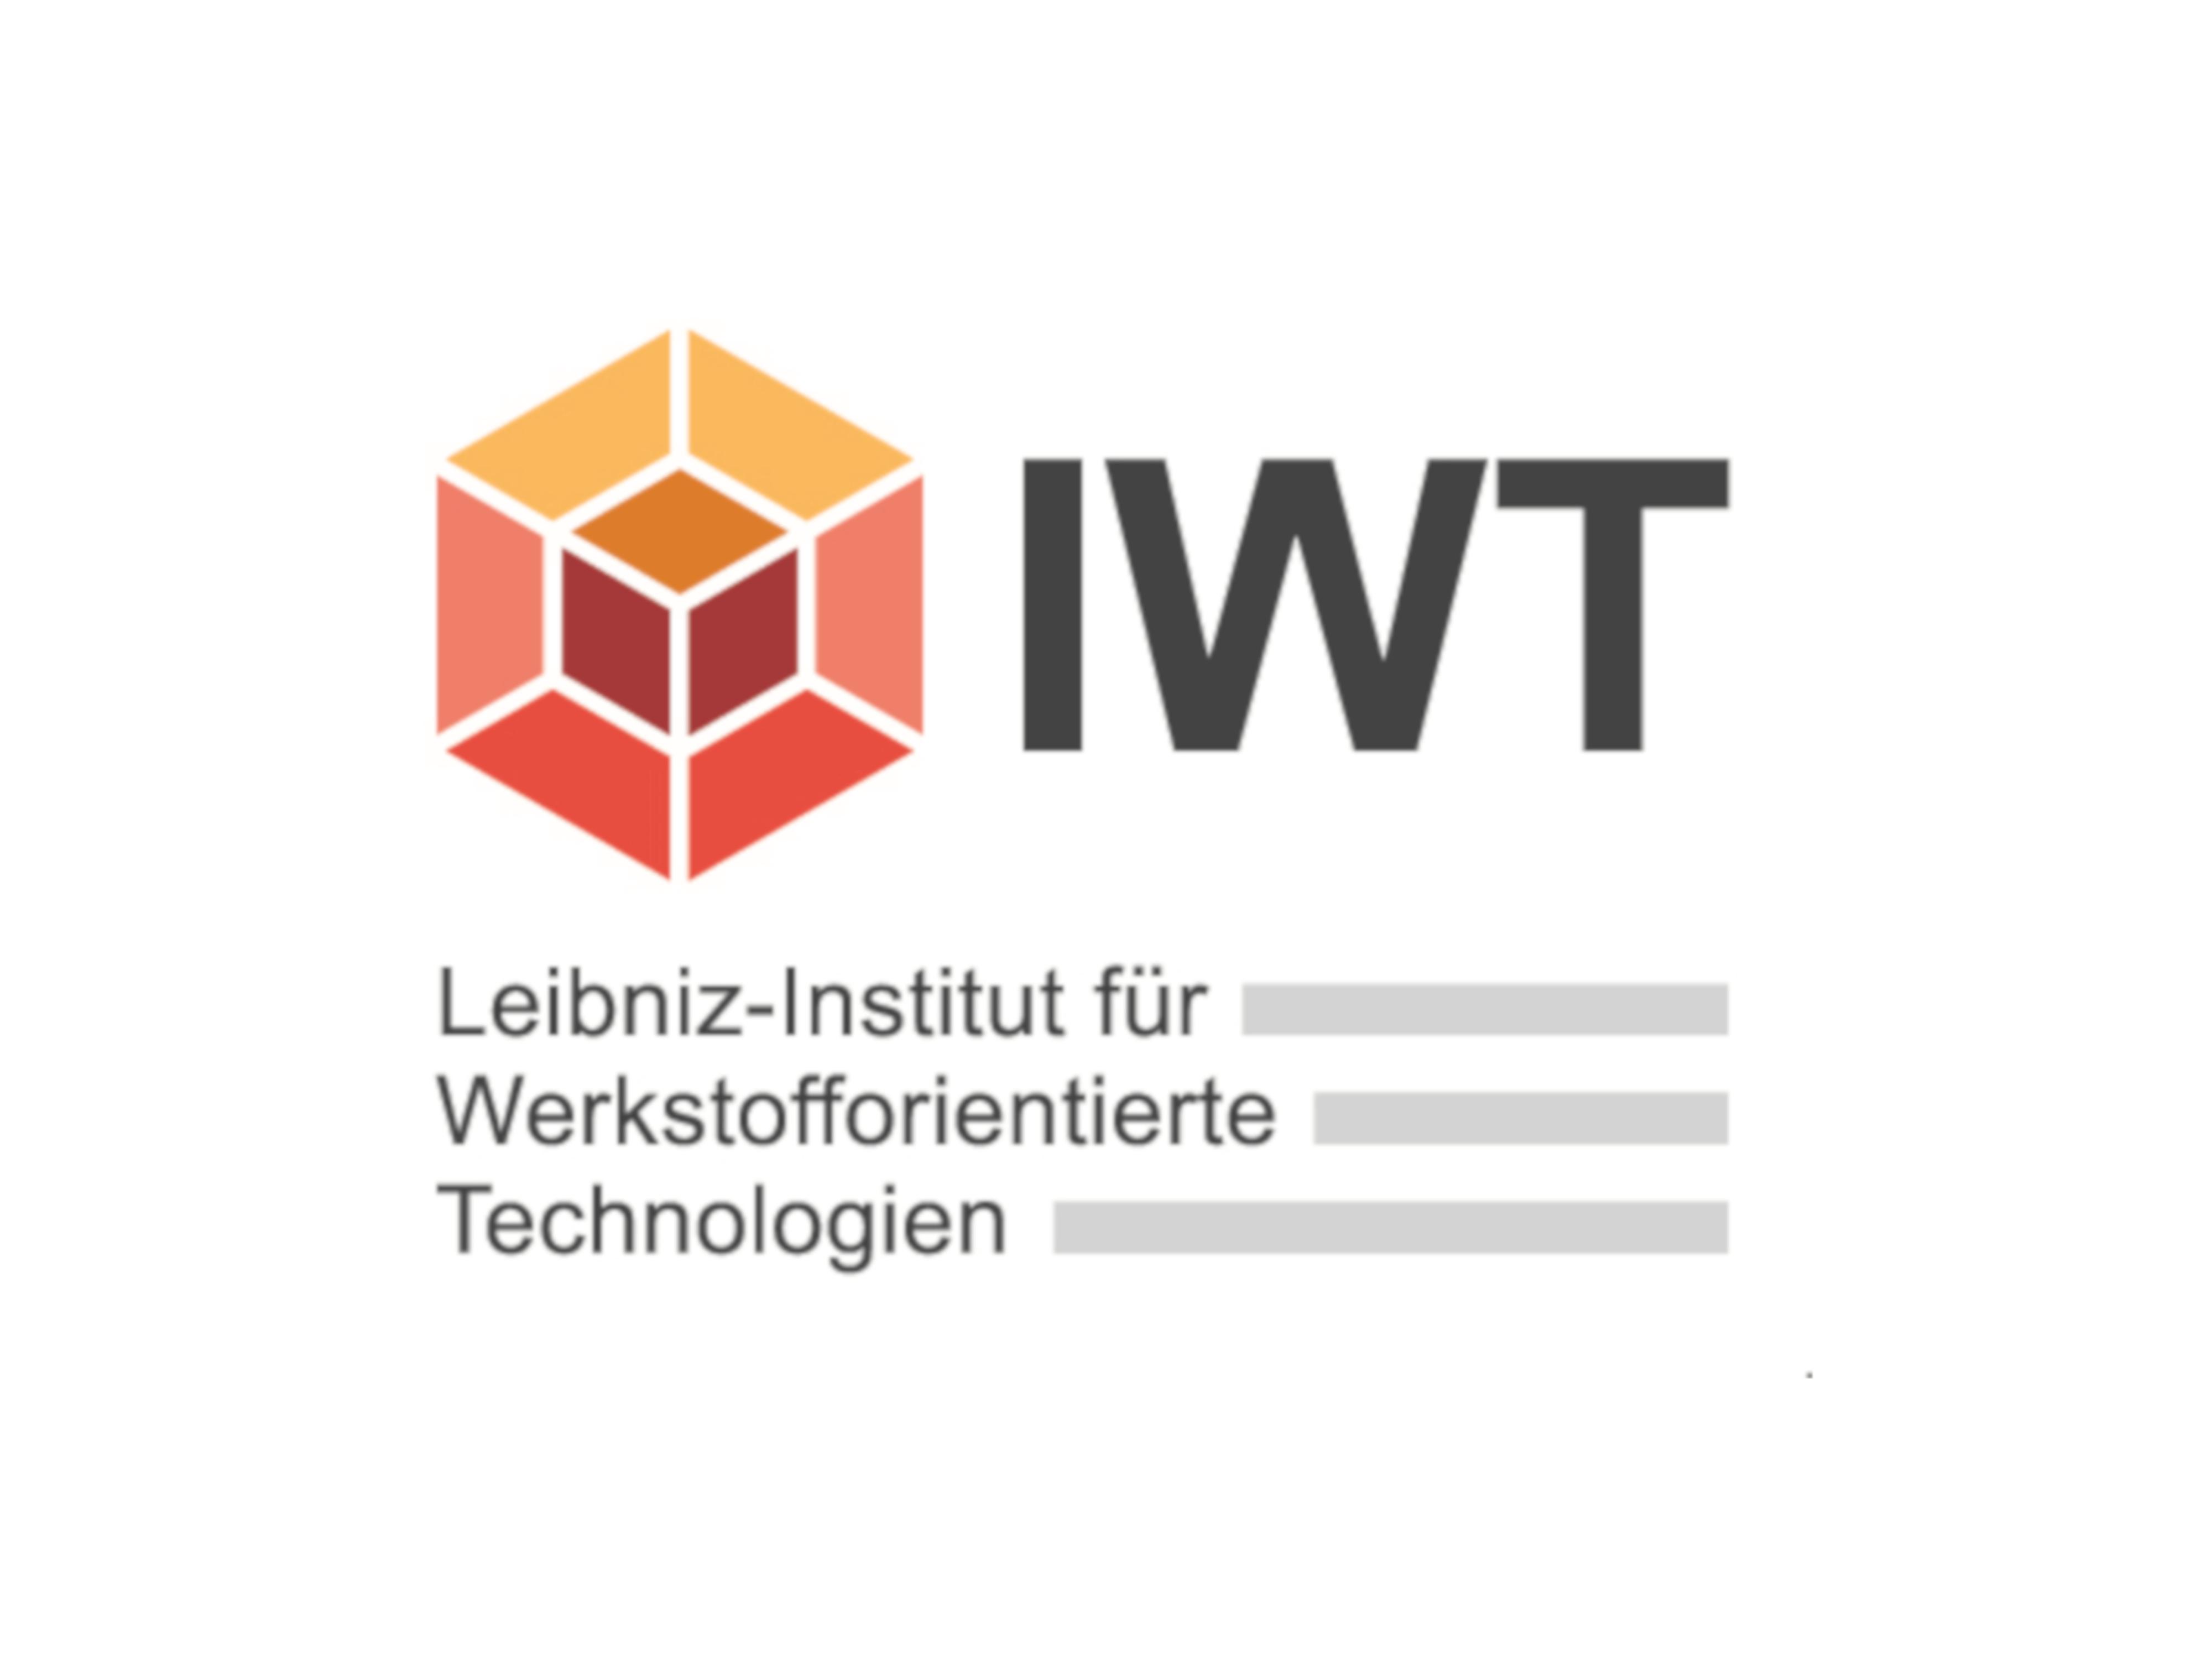 Leibniz-Institut für Werkstofforientierte Technologien – IWT